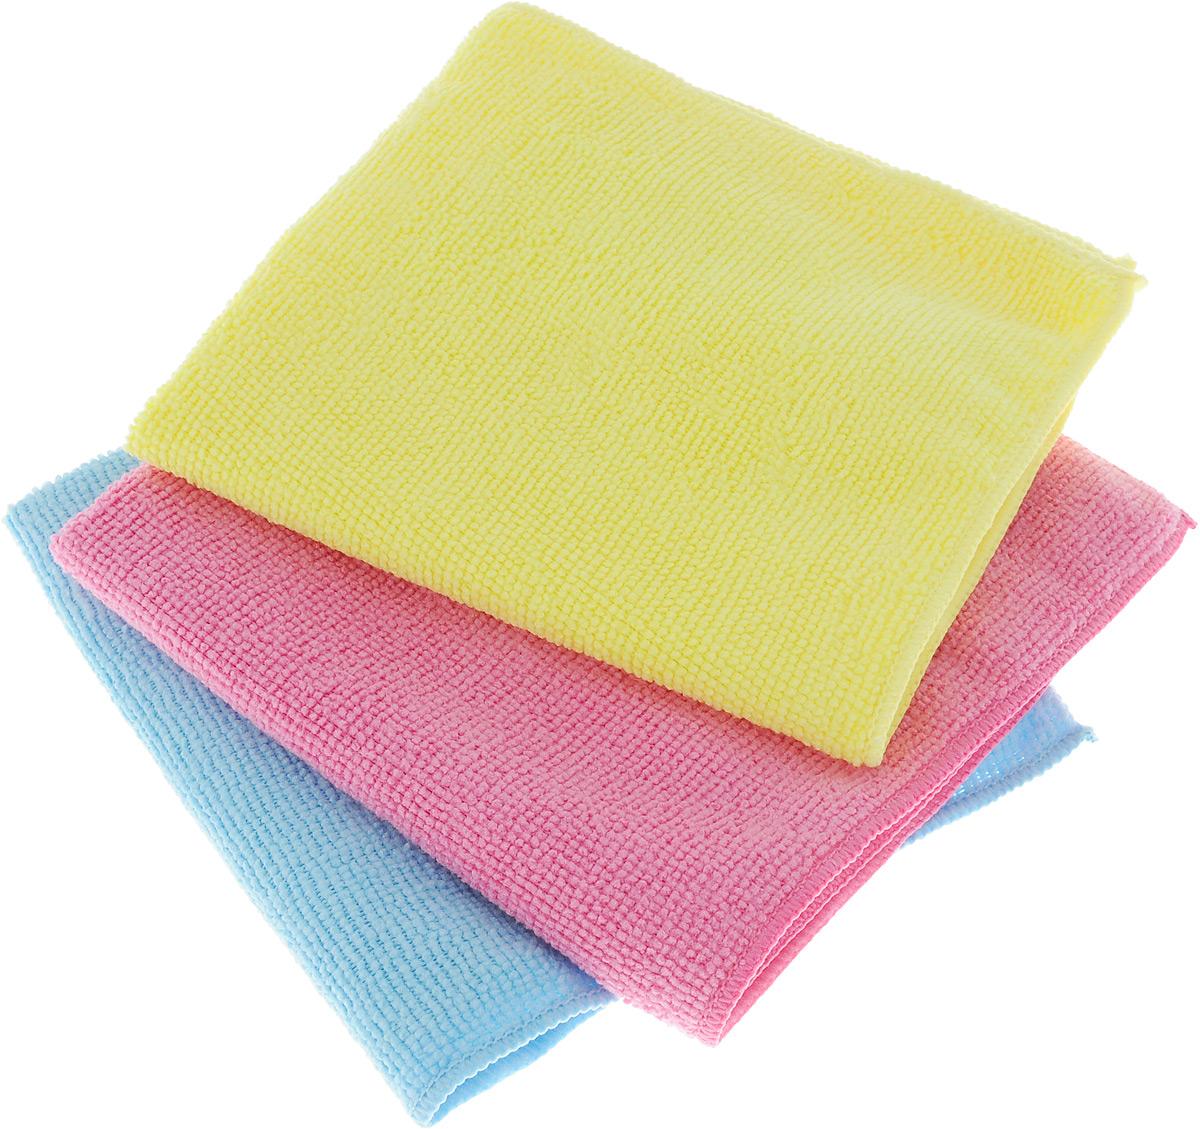 Набор салфеток для уборки Sol, из микрофибры, 30 x 30 см, 3 шт10035_розовый/голубой/желтыйНабор салфеток Sol выполнен из микрофибры. Микрофибра - это ткань из тонких микроволокон, которая эффективно очищает поверхности благодаря капиллярному эффекту между ними. Такая салфетка может использоваться как для сухой, так и для влажной уборки. Деликатно очищает любые поверхности, не оставляя следов и разводов. Идеально подходит для протирки полированной мебели. Сохраняет свои свойства после стирки. Размер салфетки: 30 х 30 см.